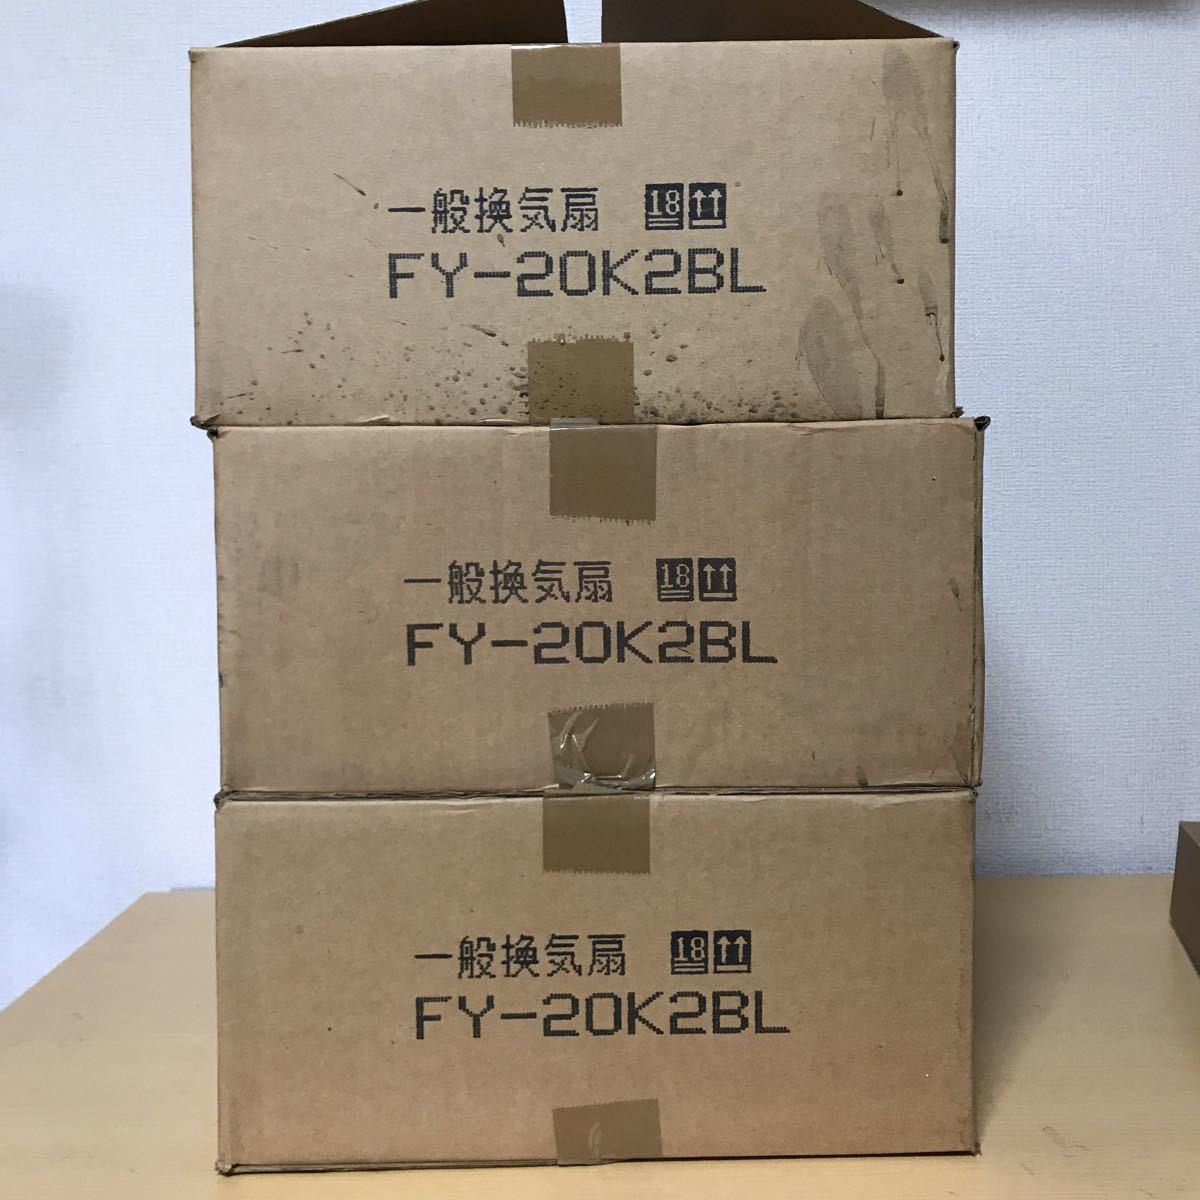 【ジャンク】一般換気扇 FY-20K2BL 3個セット_画像2